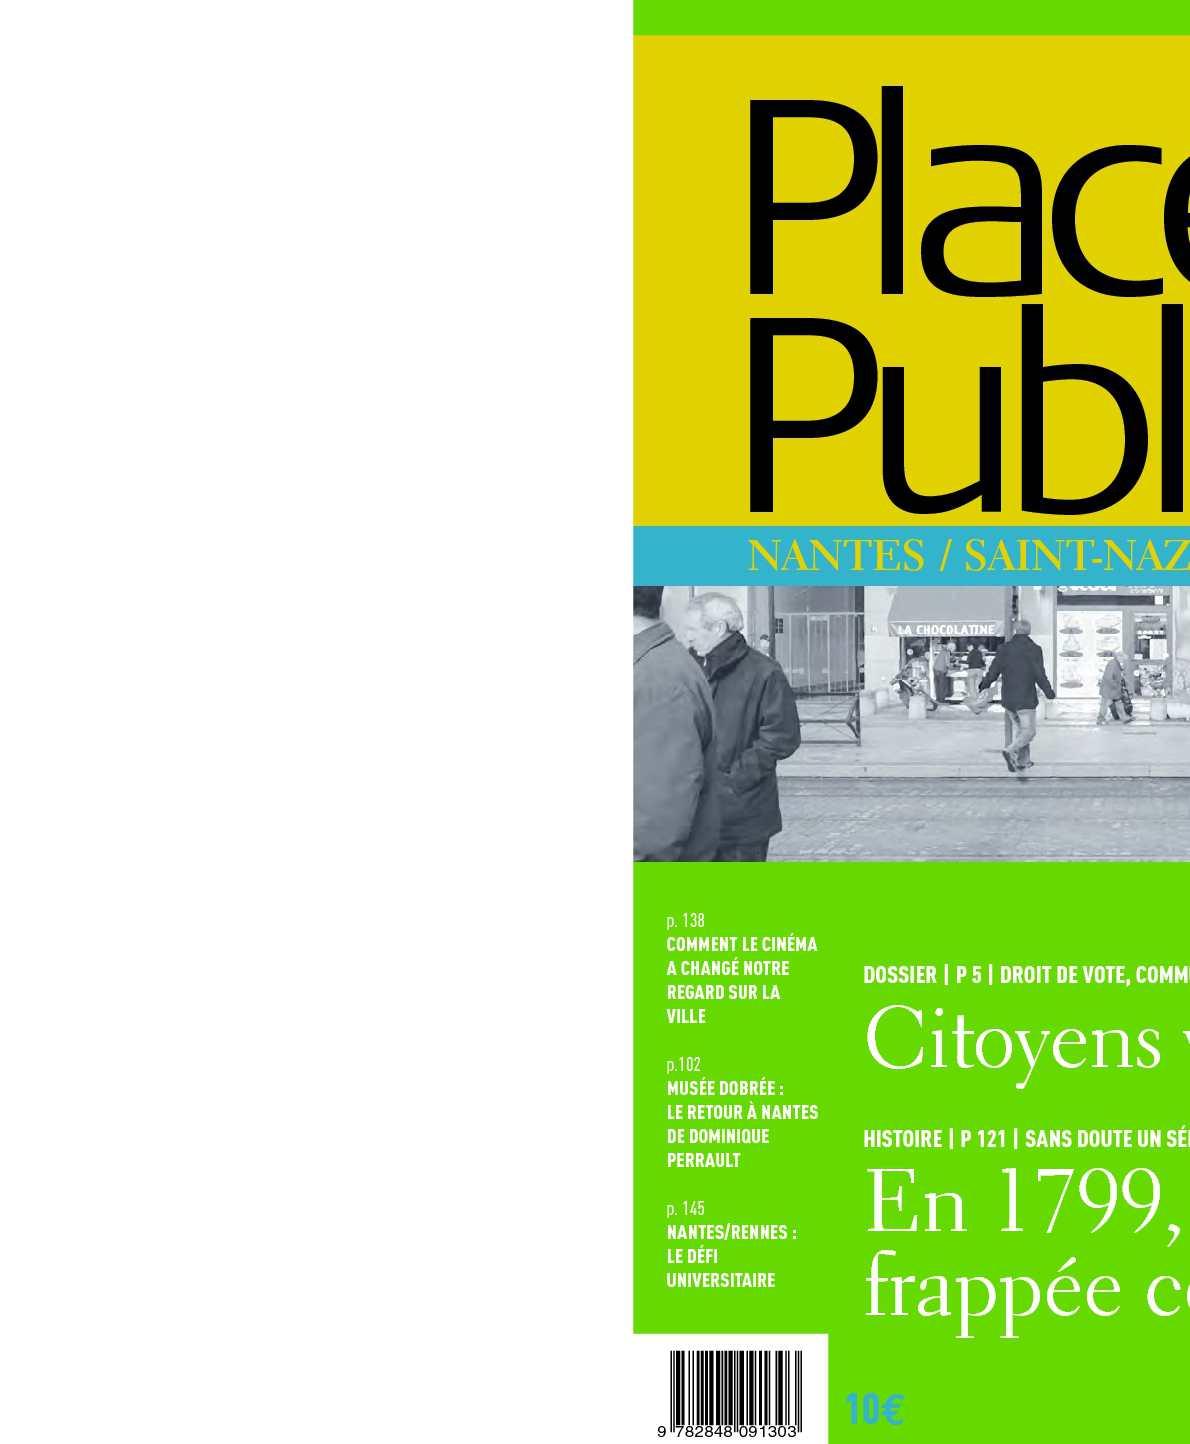 Calaméo - Place publique   20 3119cc952de